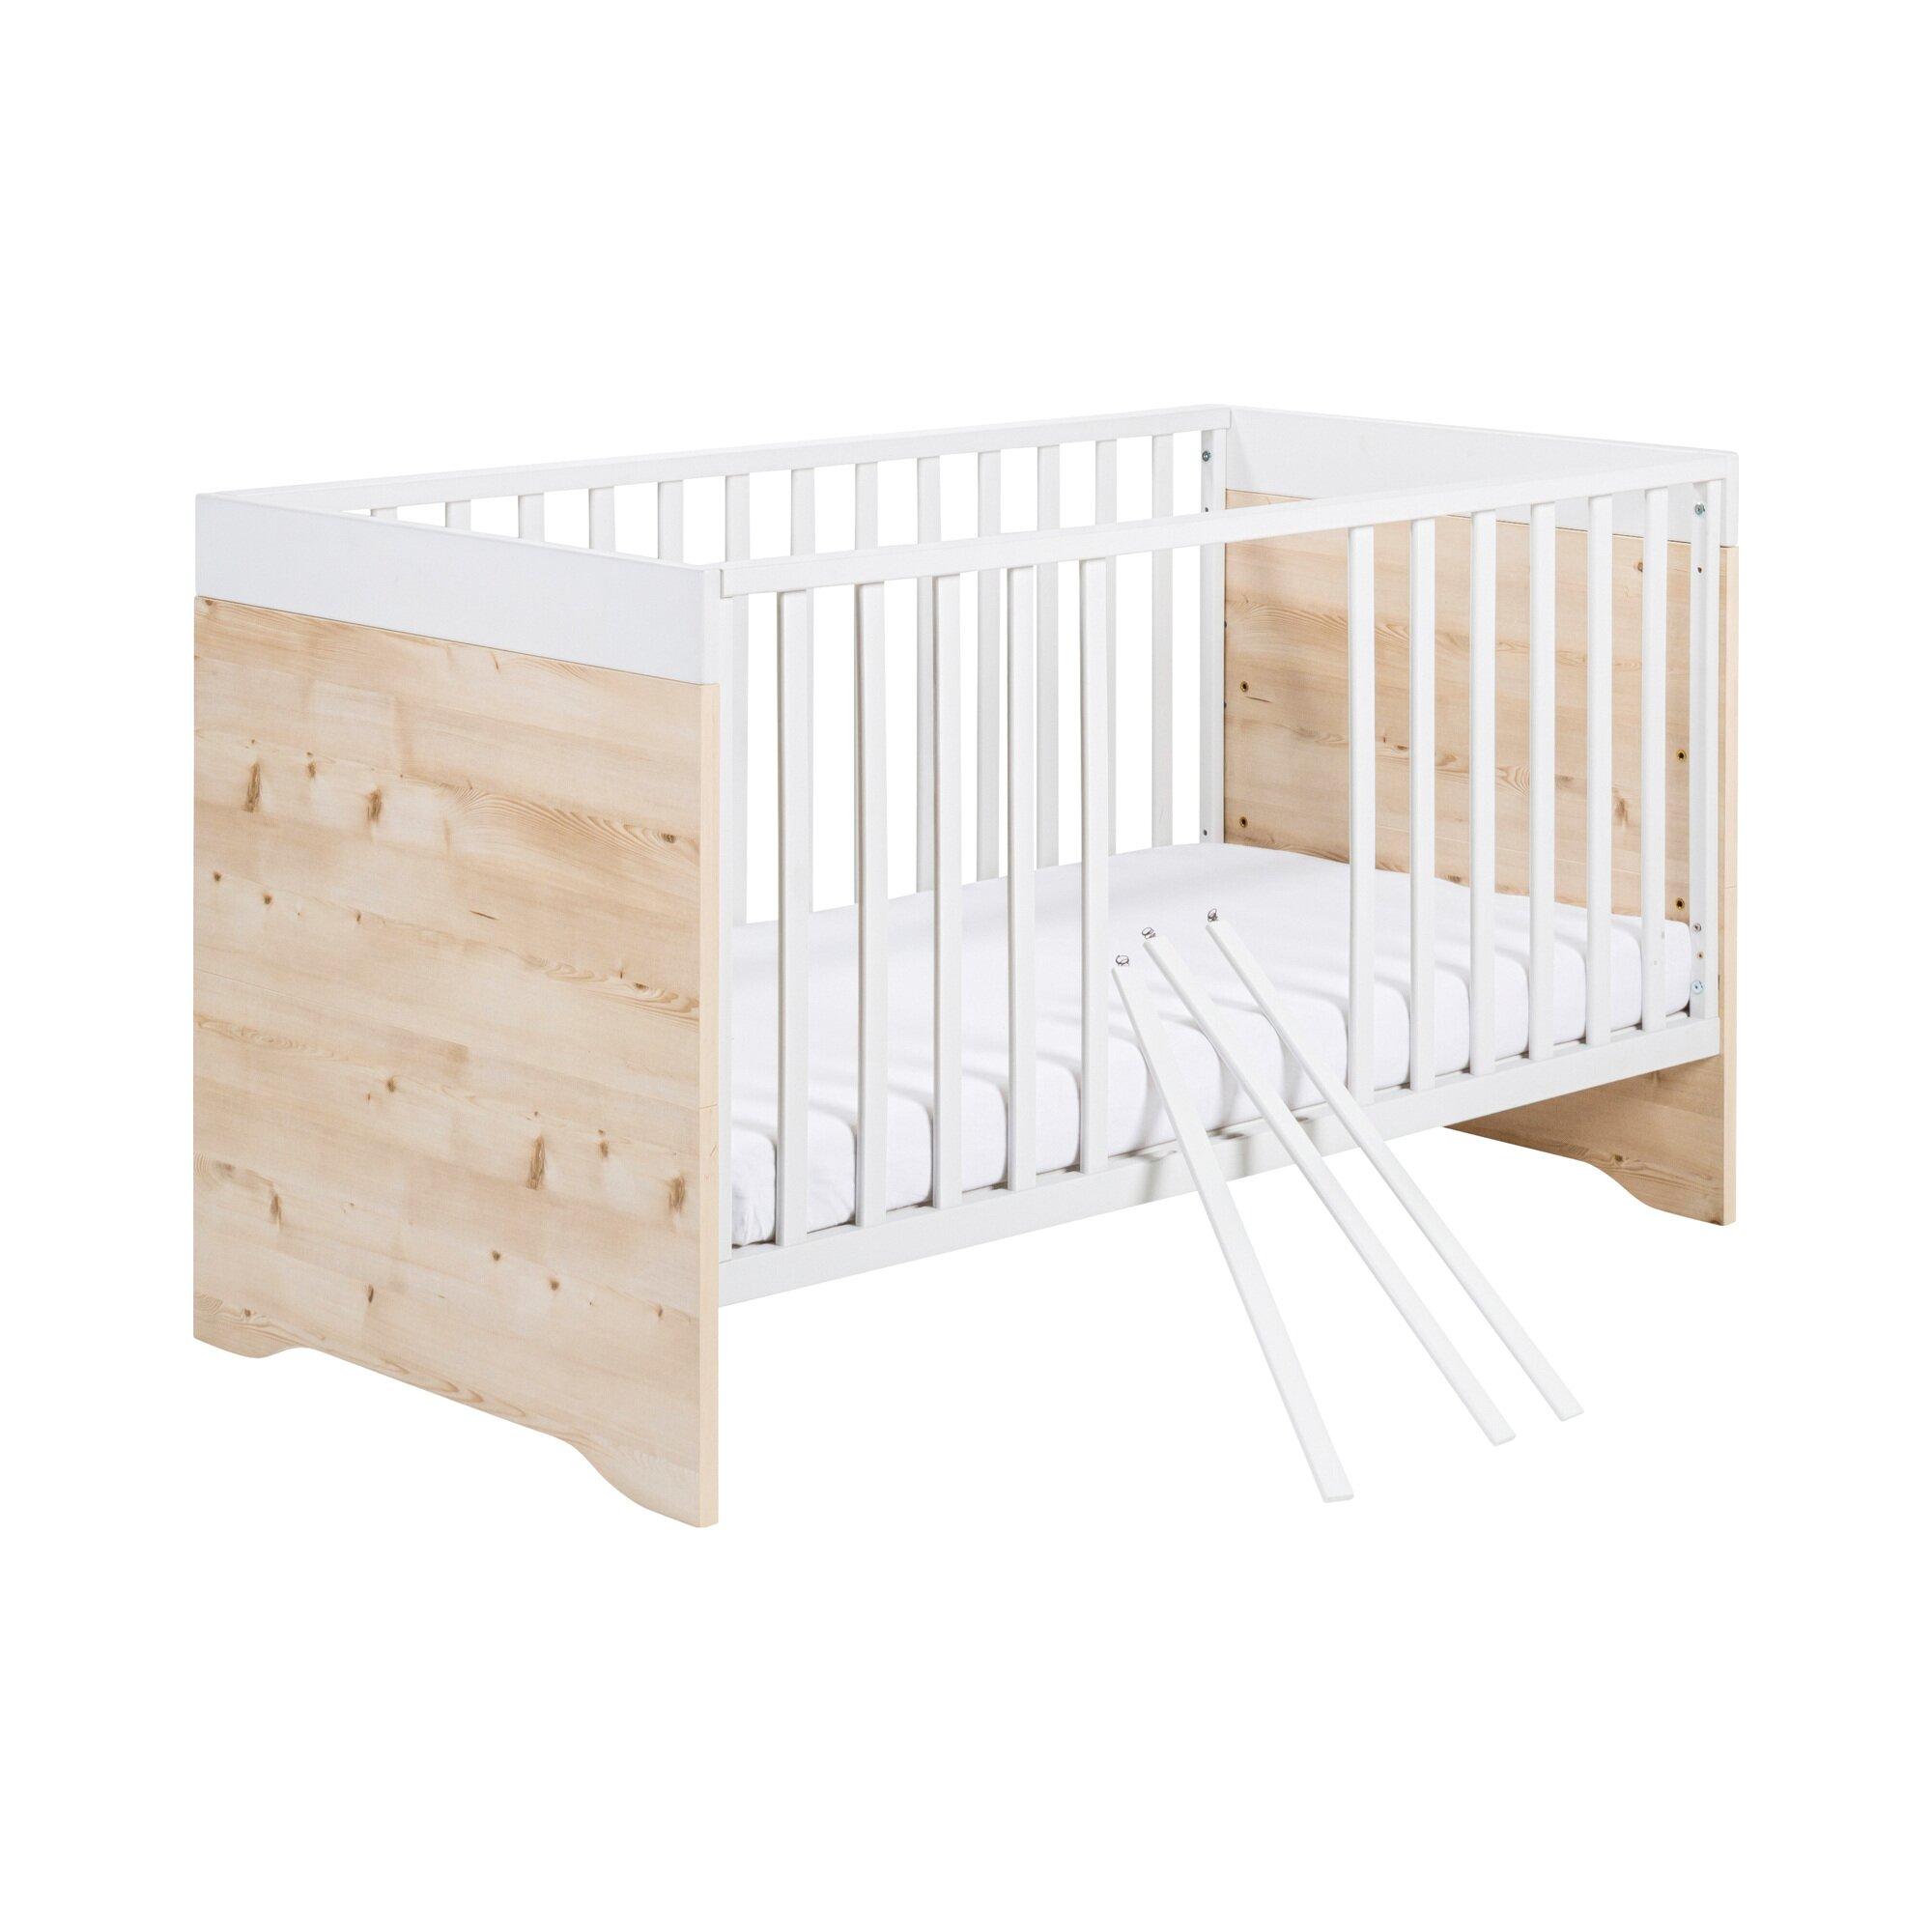 schardt-2-tlg-babyzimmer-timber-pinie